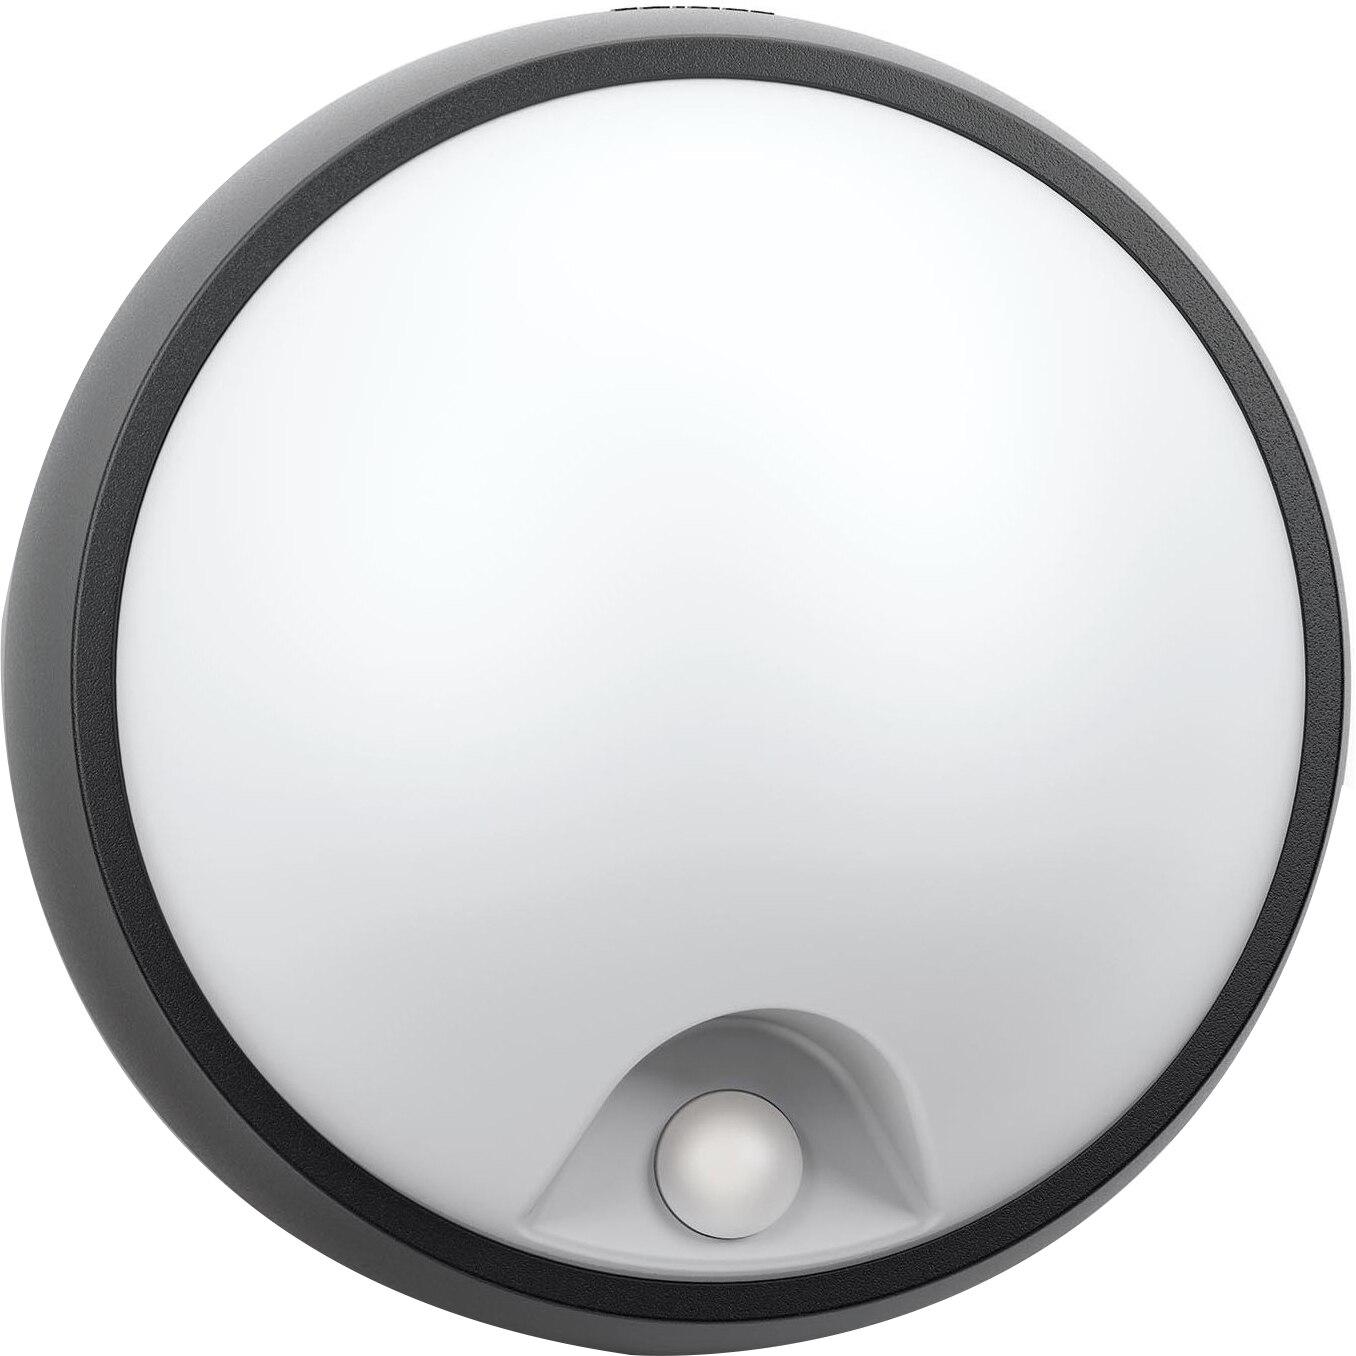 Fotografie Aplica LED integrat pentru exterior Philips myGarden Eagle, cu senzor miscare, 1x3.5W, 320 lm, IP44, Negru